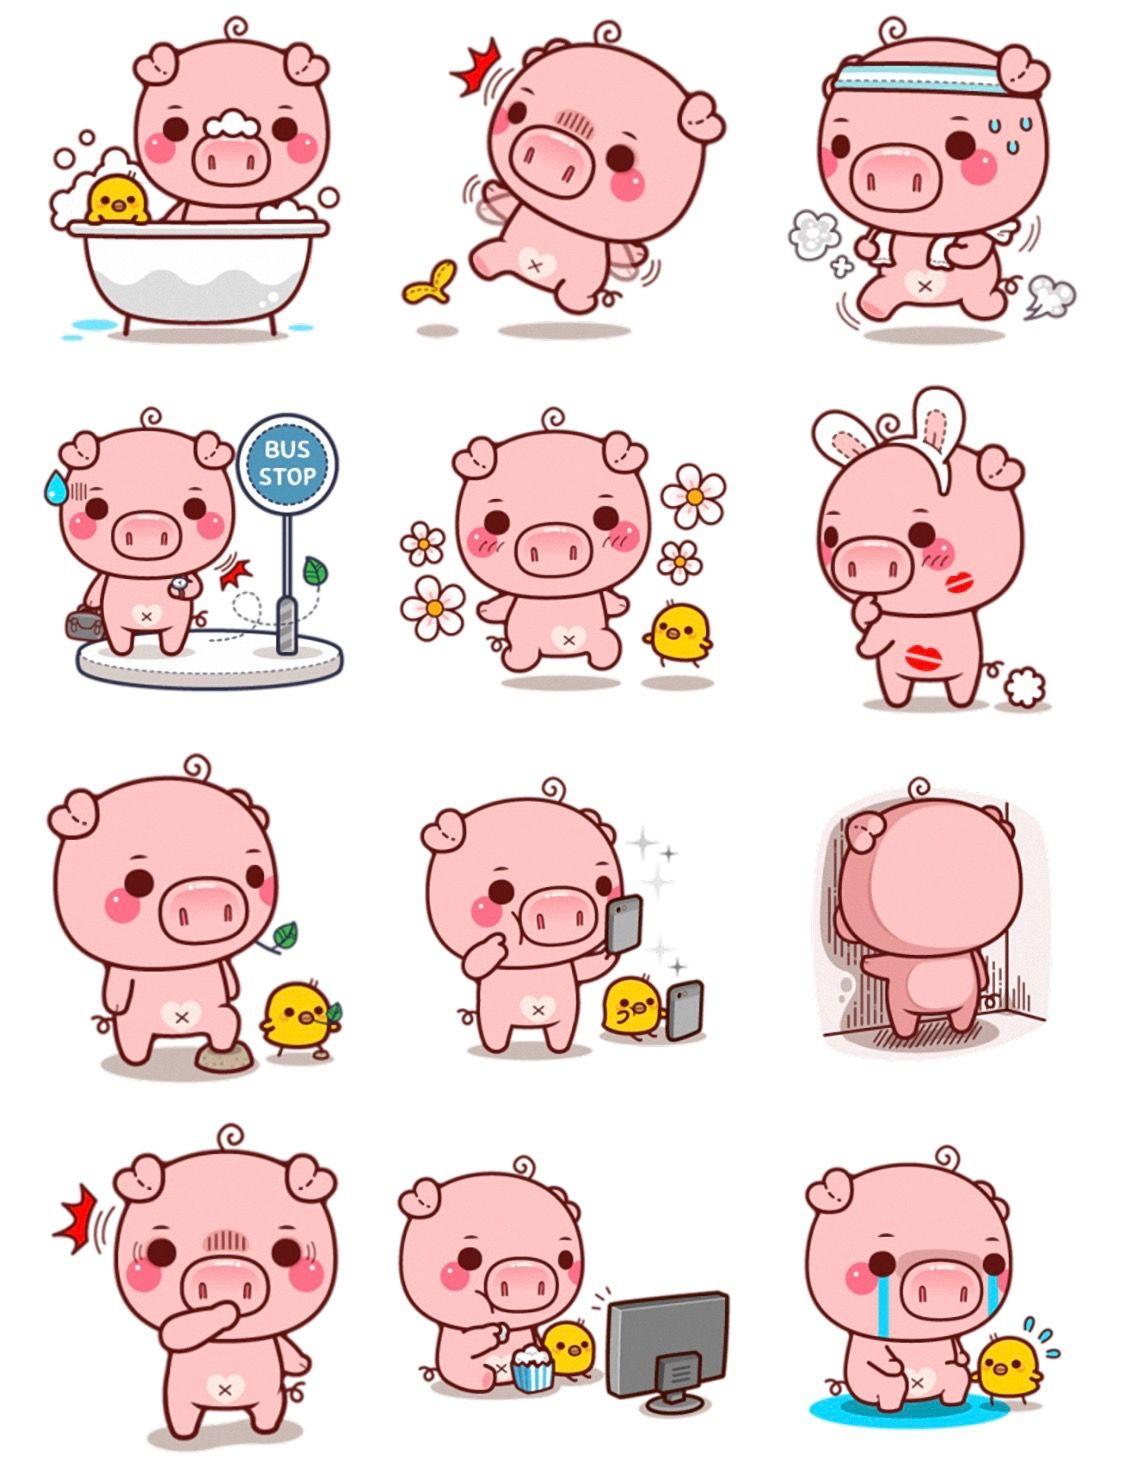 Cerdos Cerditos Cerdos Animados Y Carteles Graficos